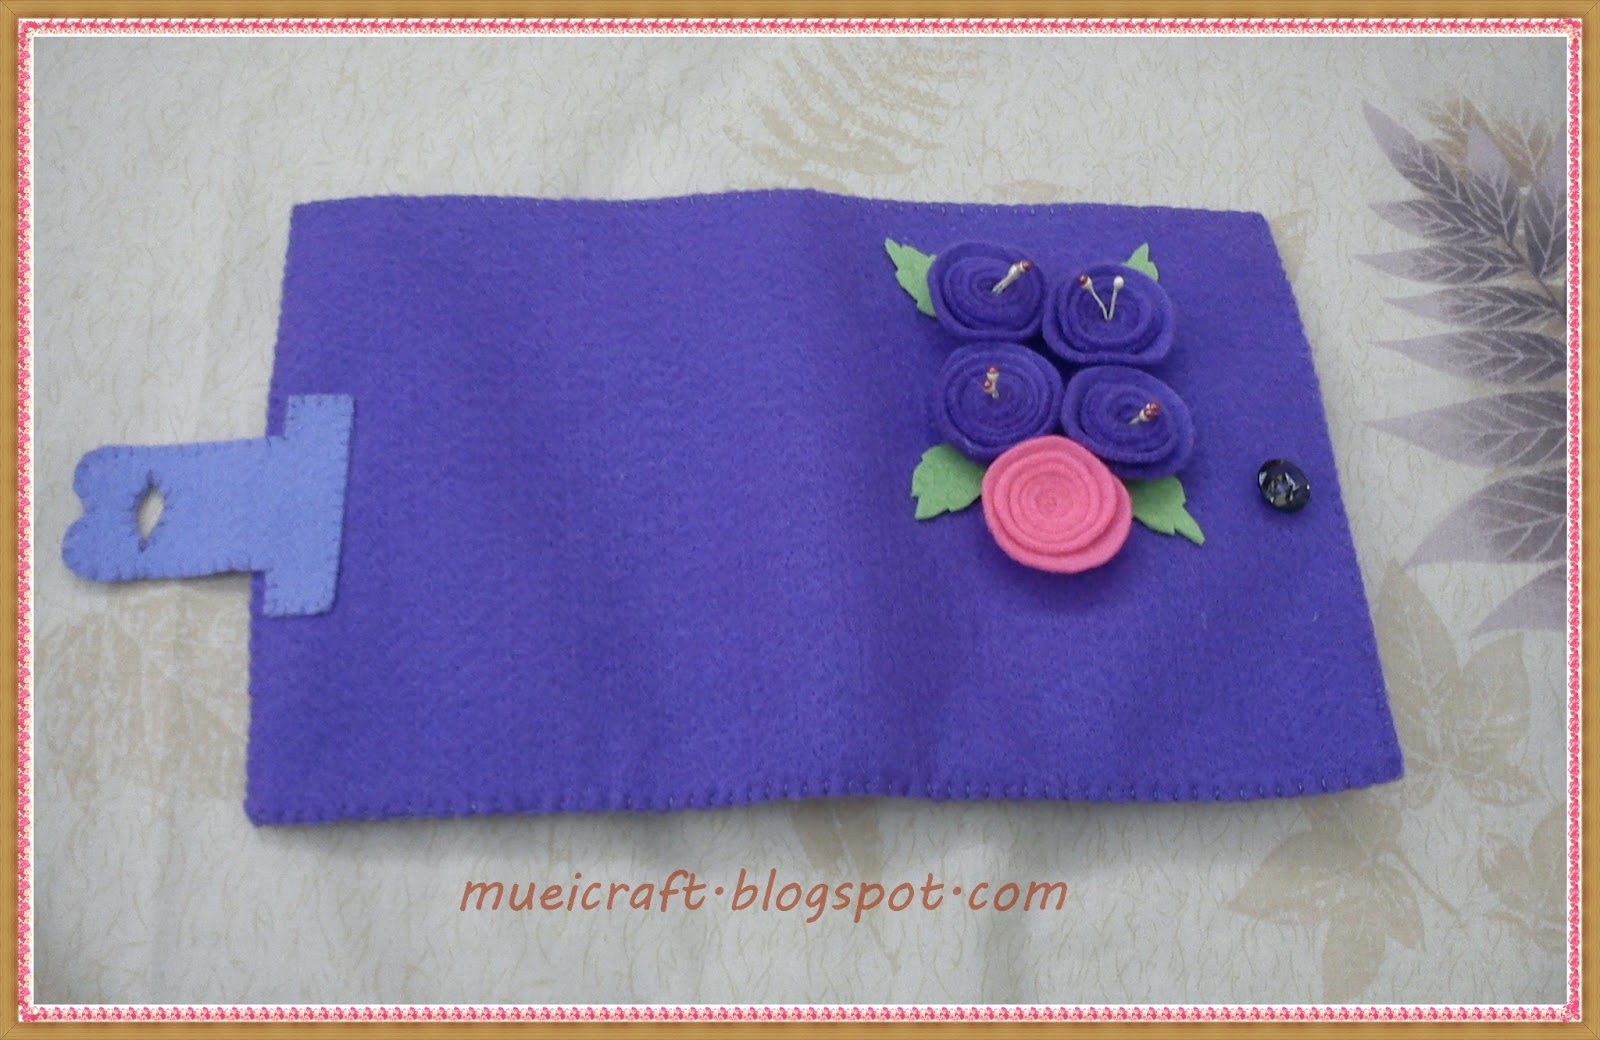 Untuk Sahabat Muei: Kreasi dompet dari kain Flanel (purple wallet)